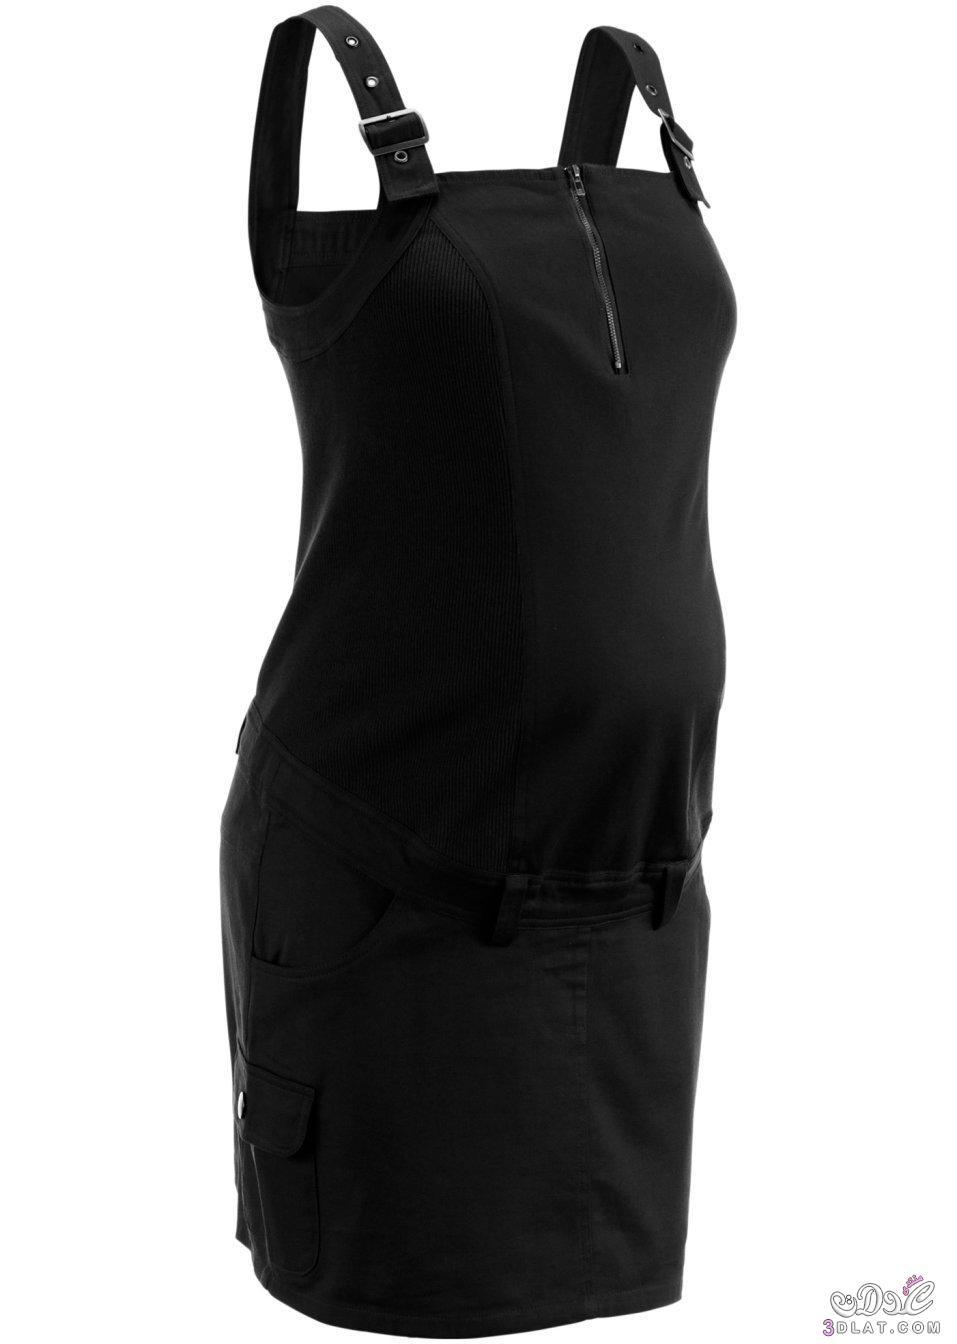 a9007d3f5 فساتين حمل 2020,ملابس للحوامل جديدة,دريلات حمل,أزياء حوامل قصيرة ...